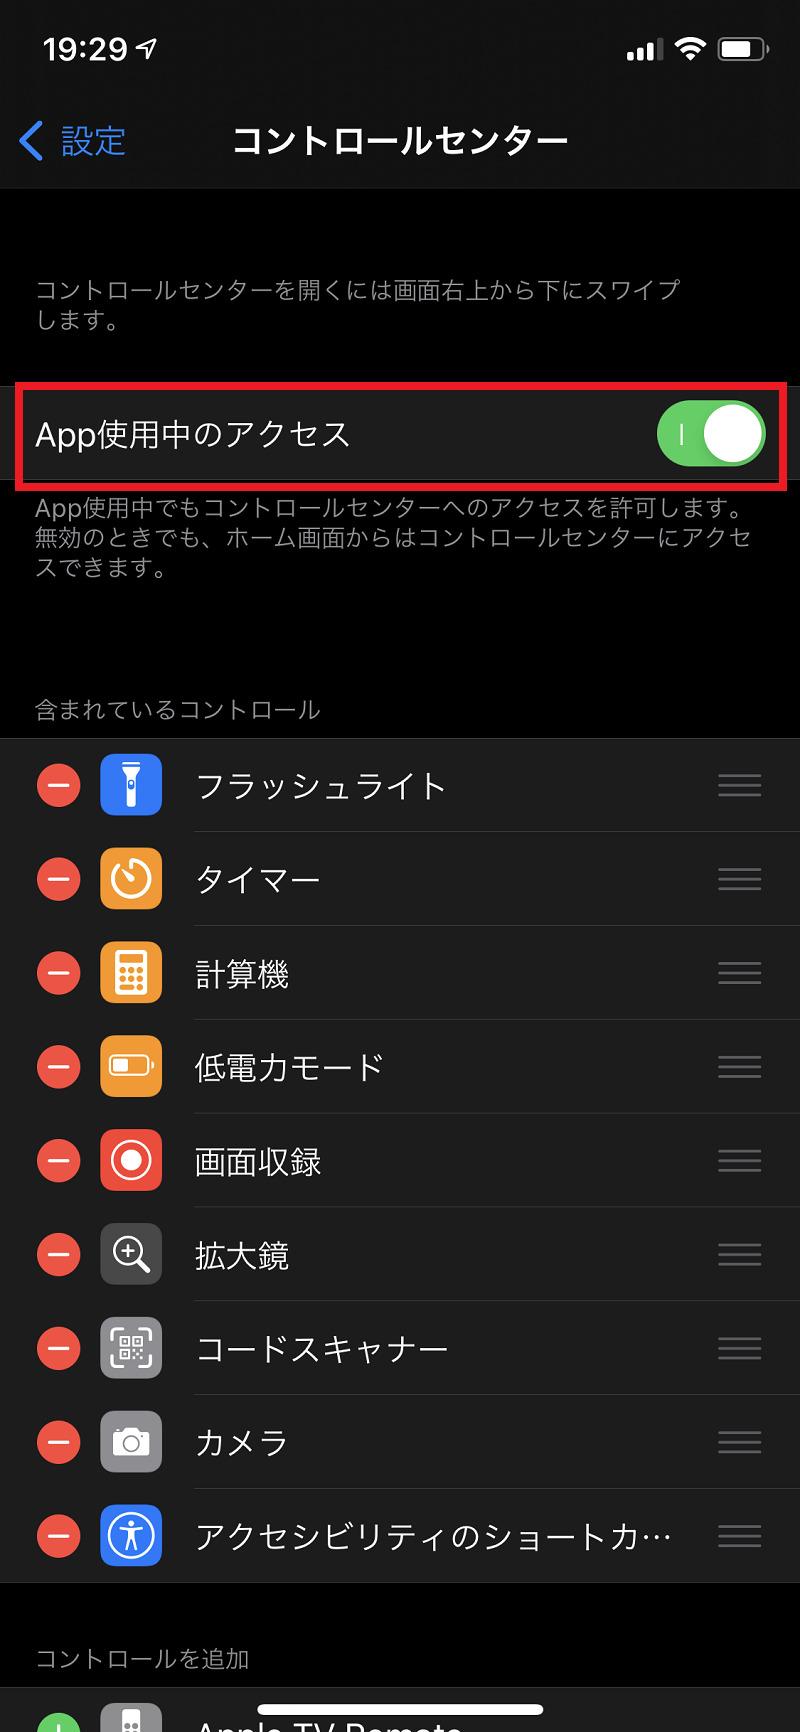 iOS AccessGuide 14